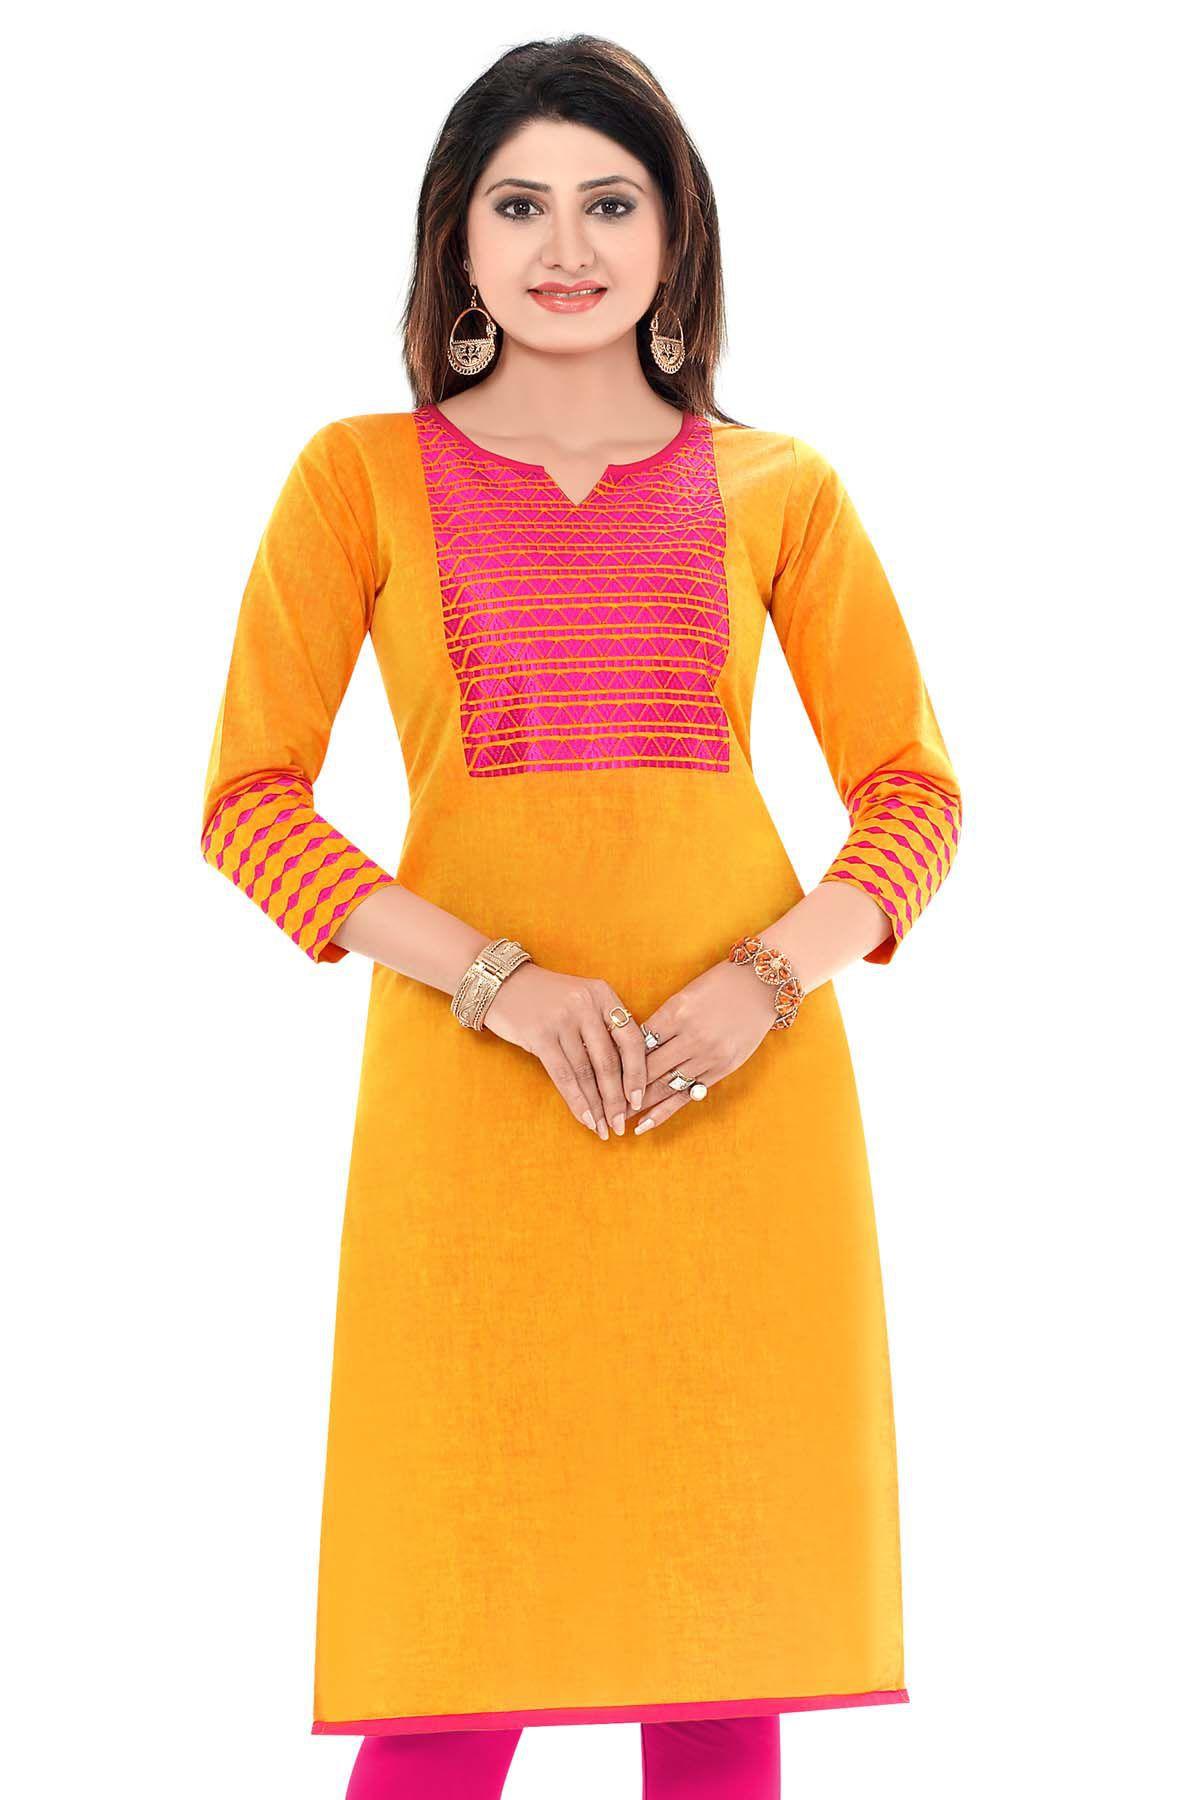 Yugale Yellow Cotton Straight Kurti